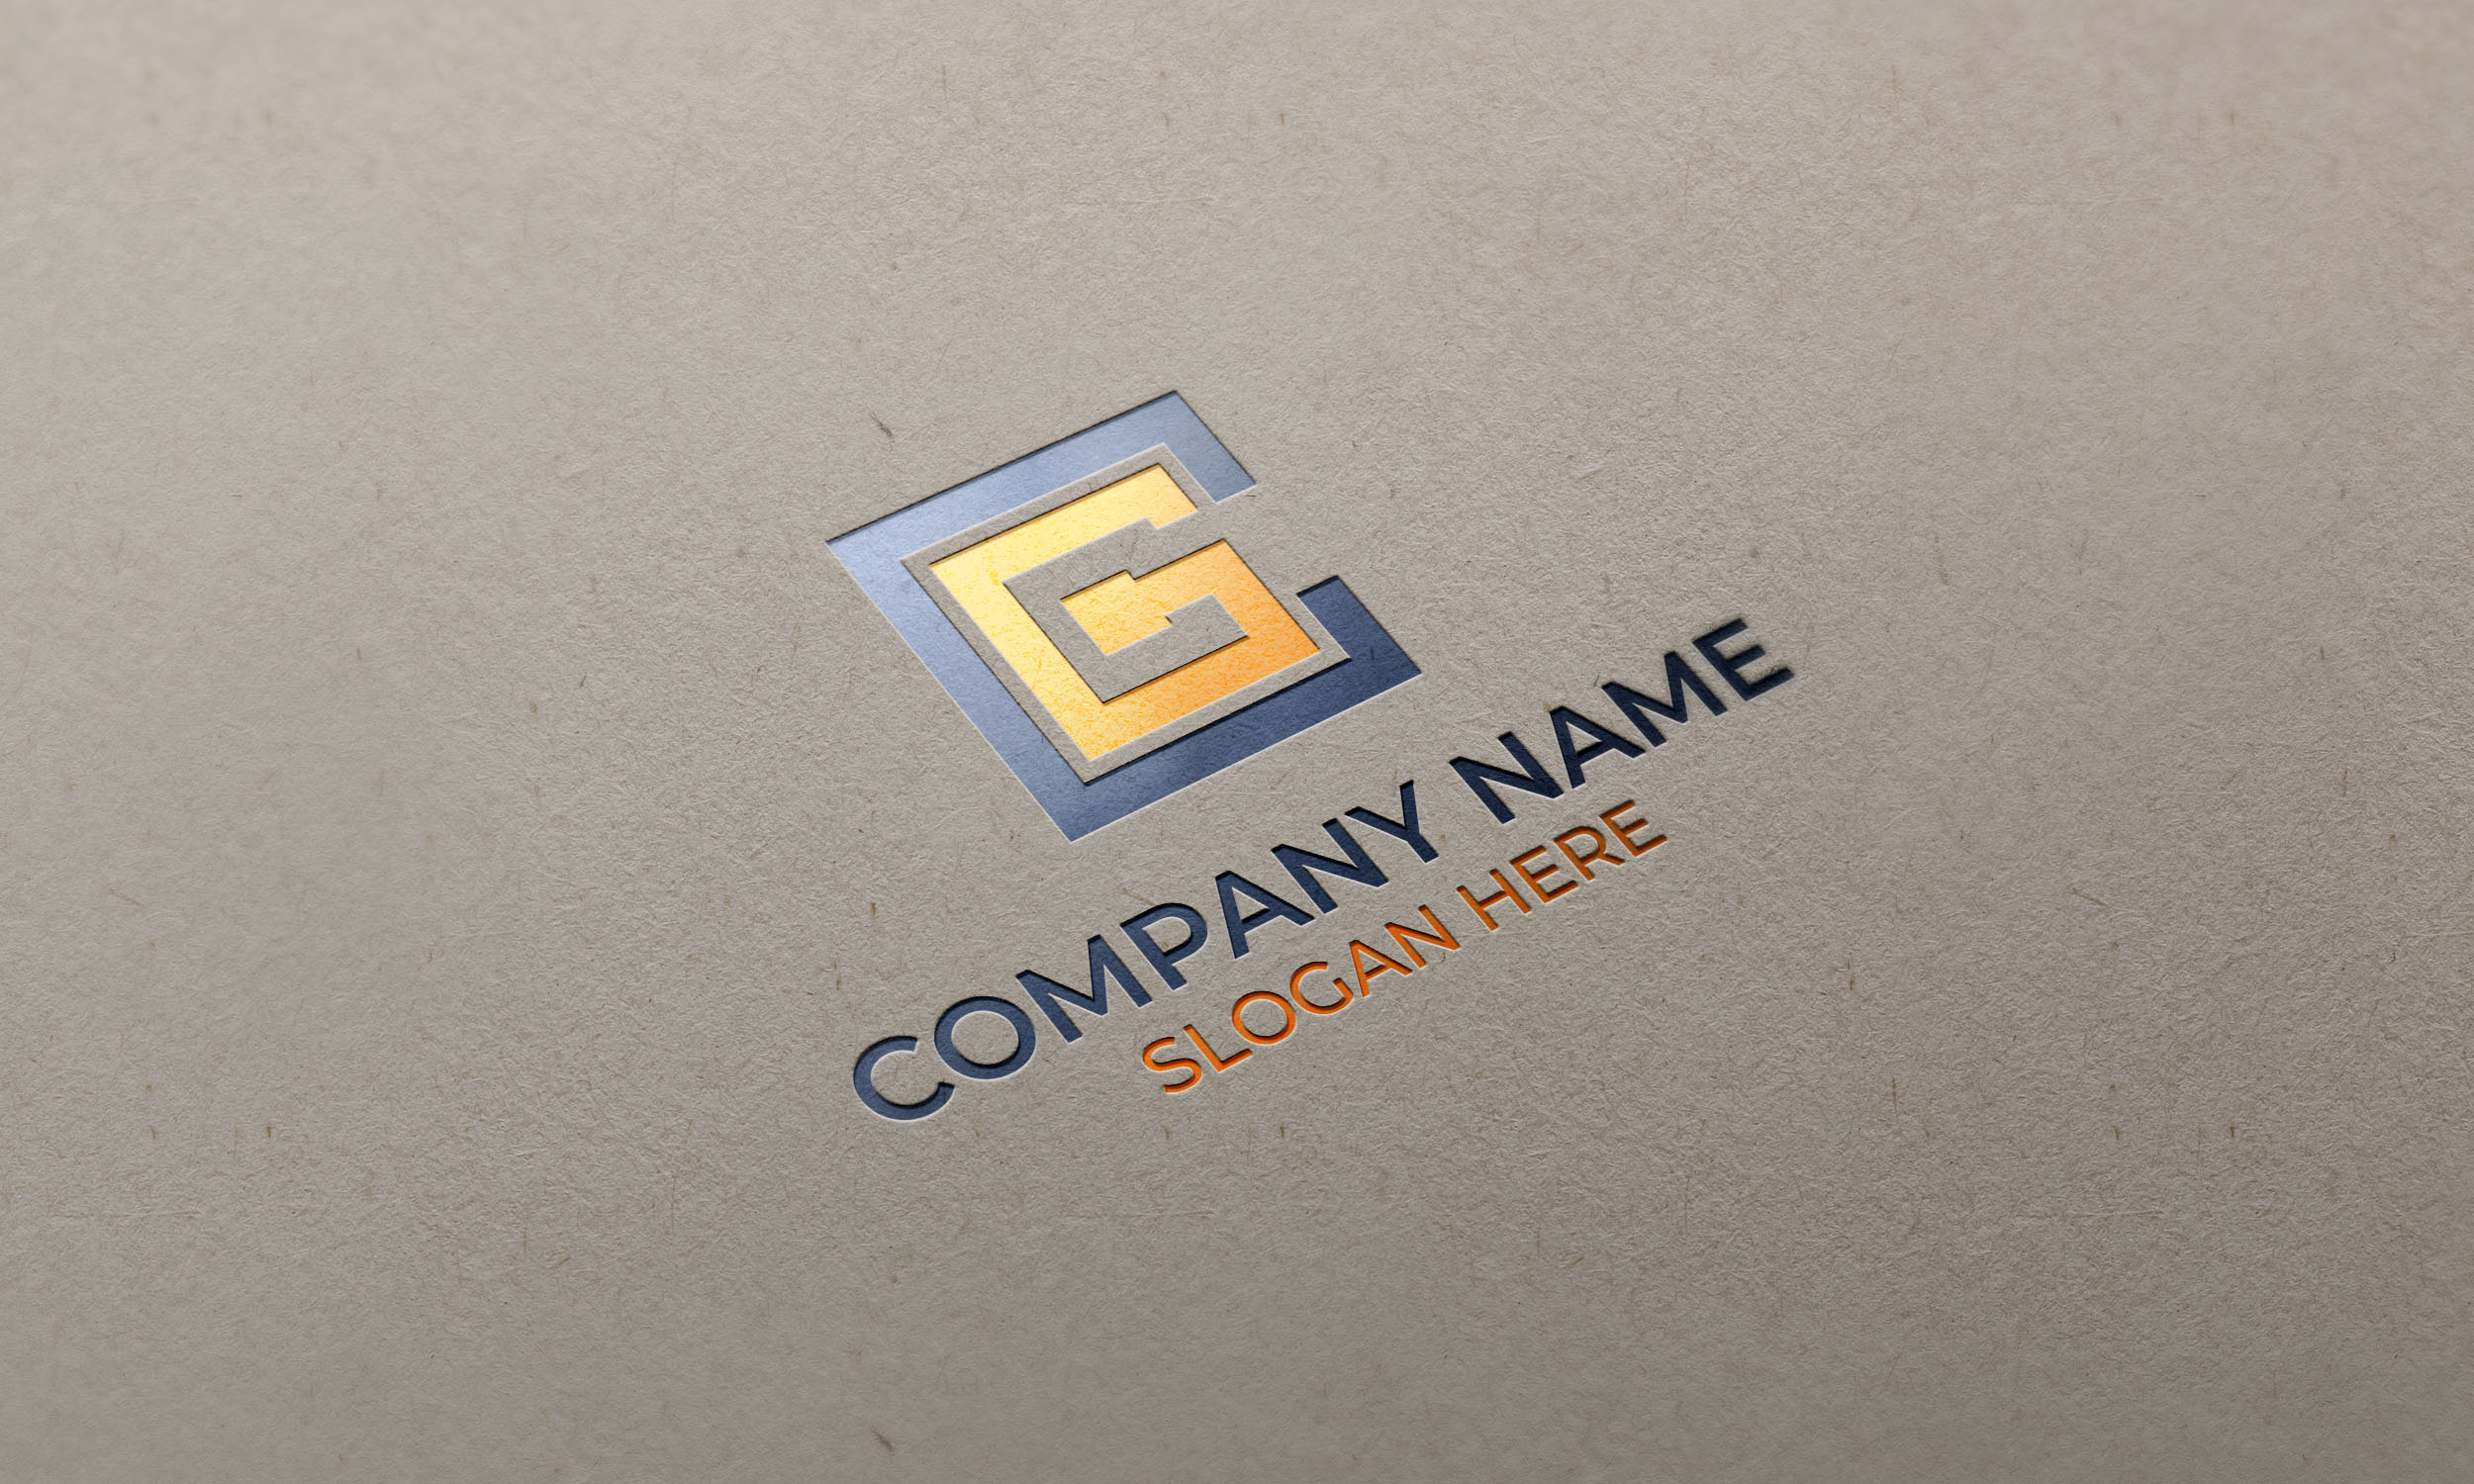 CG Letter logo on paper mockupCG Letter logo on paper mockup